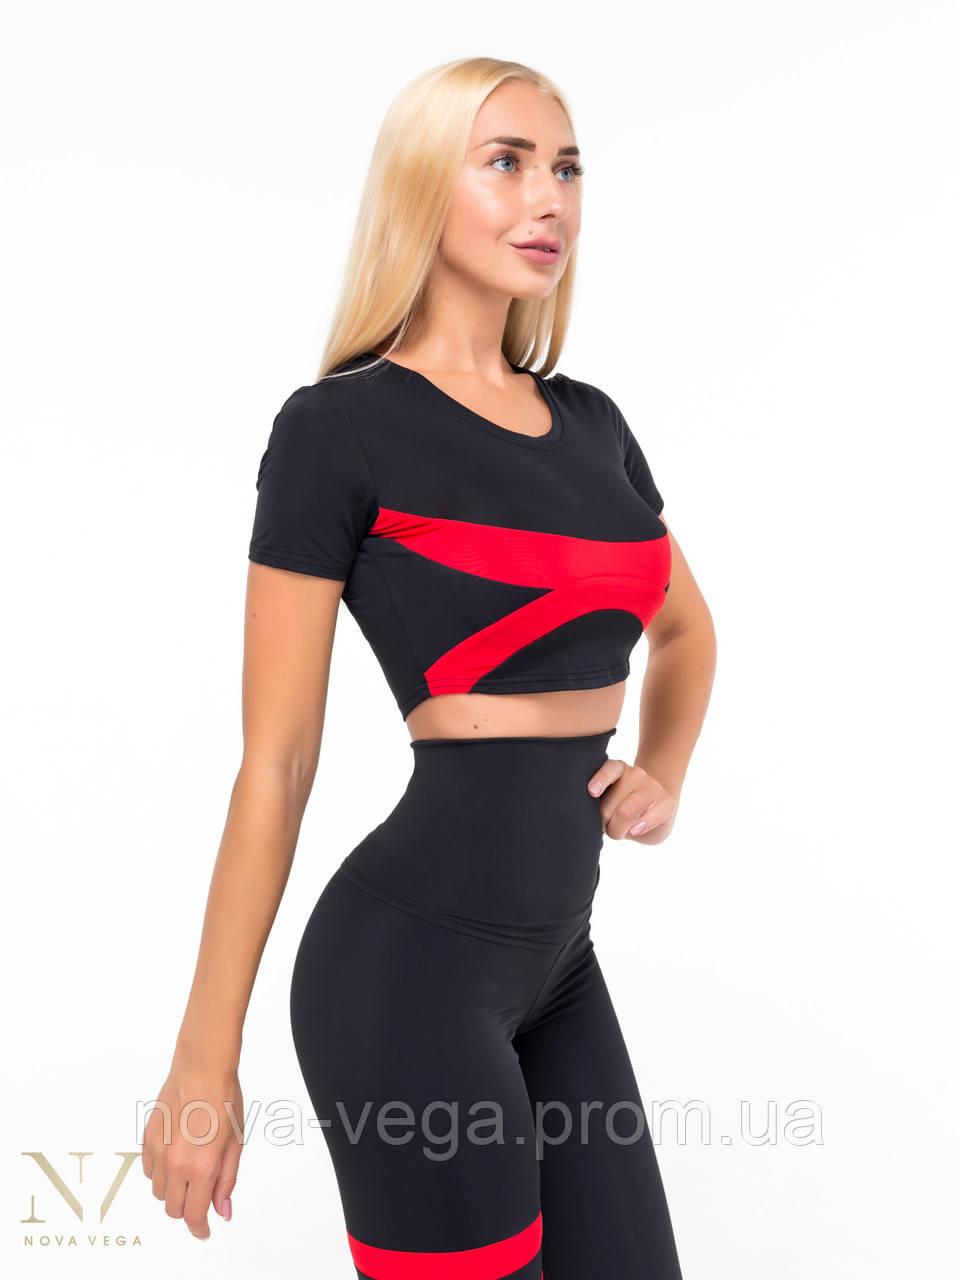 Спортивный Женский Топик Nova Vega Black&Red